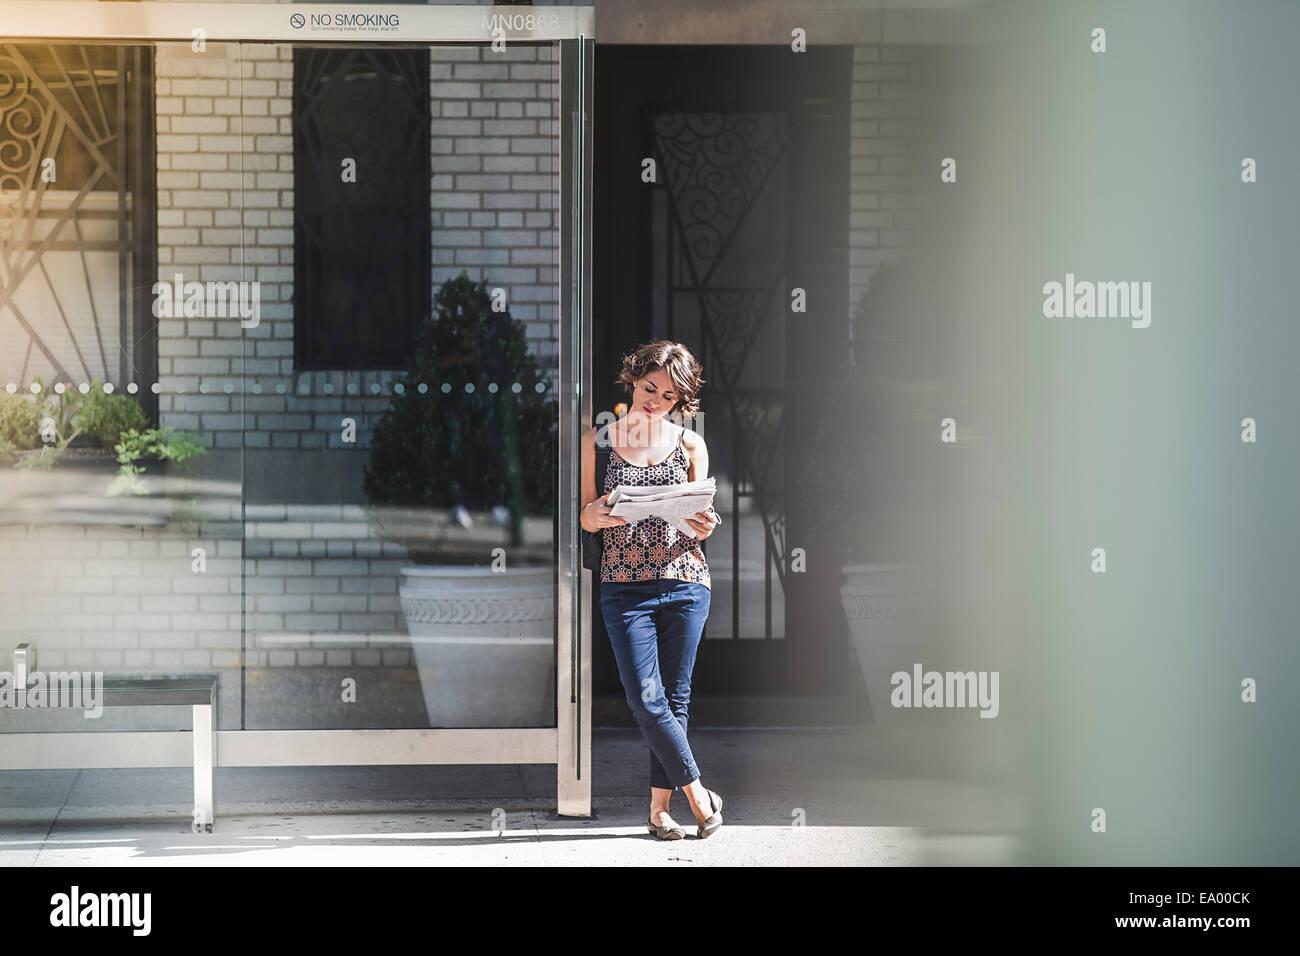 Giovane donna alla fermata bus leggendo il giornale e in attesa di bus, New York, US Immagini Stock